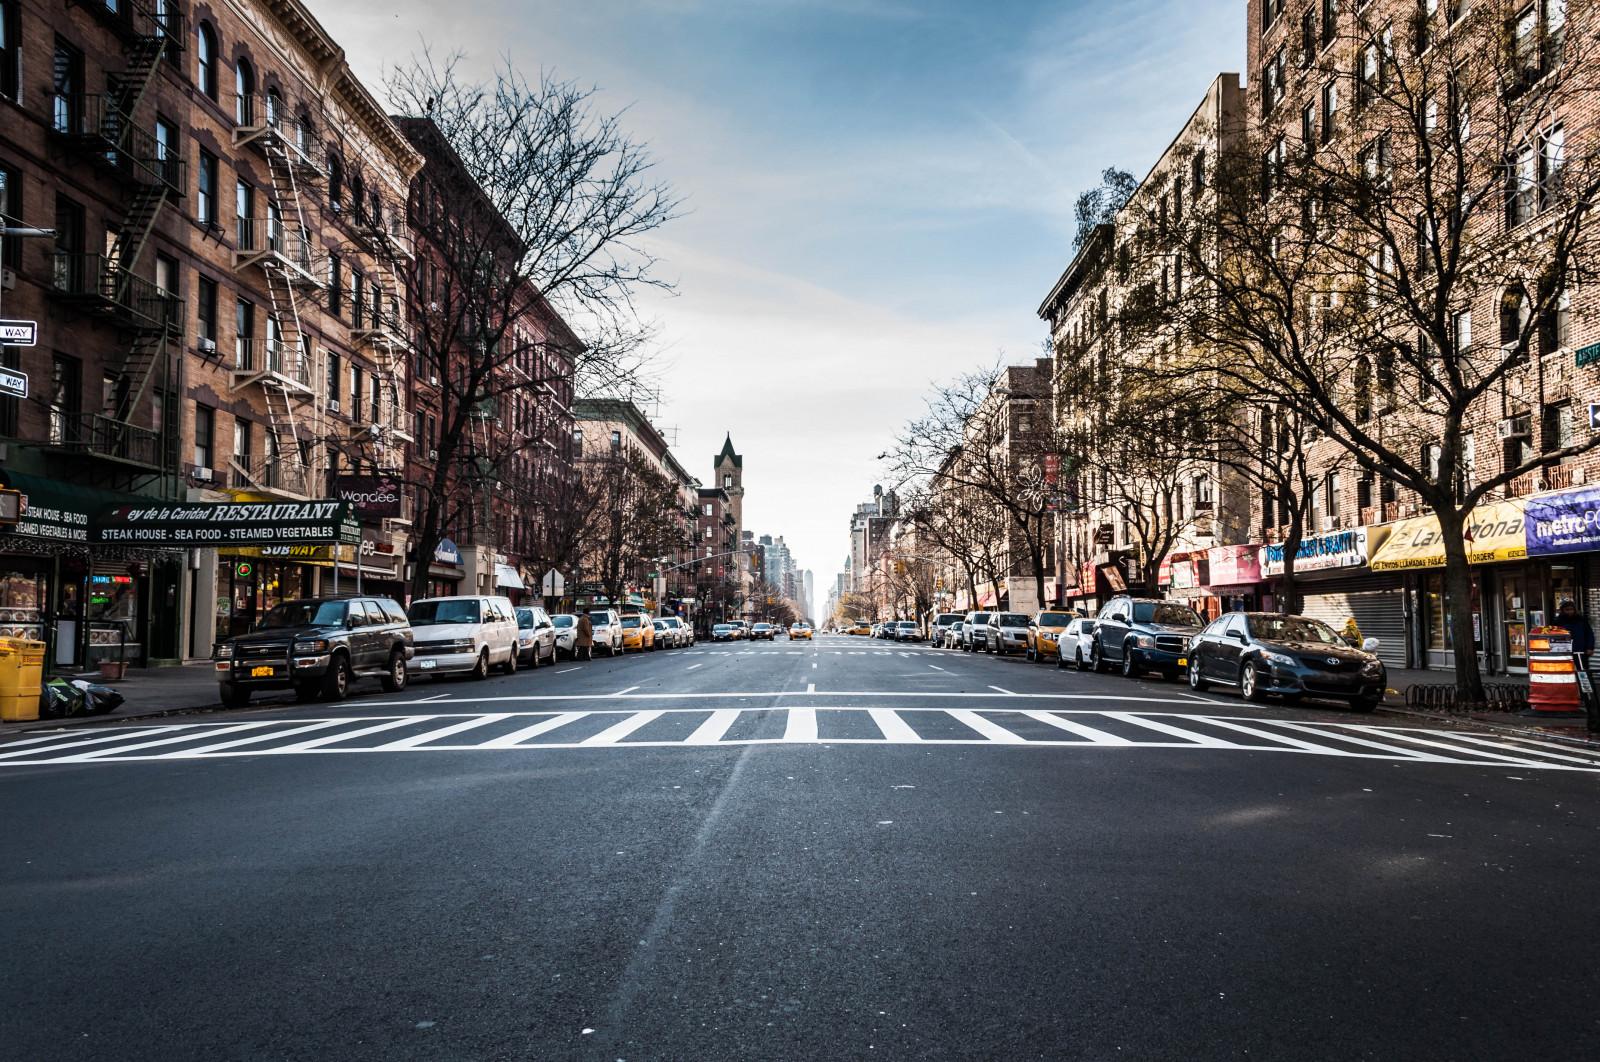 напором картинка город дорога к дому подойдет для близких